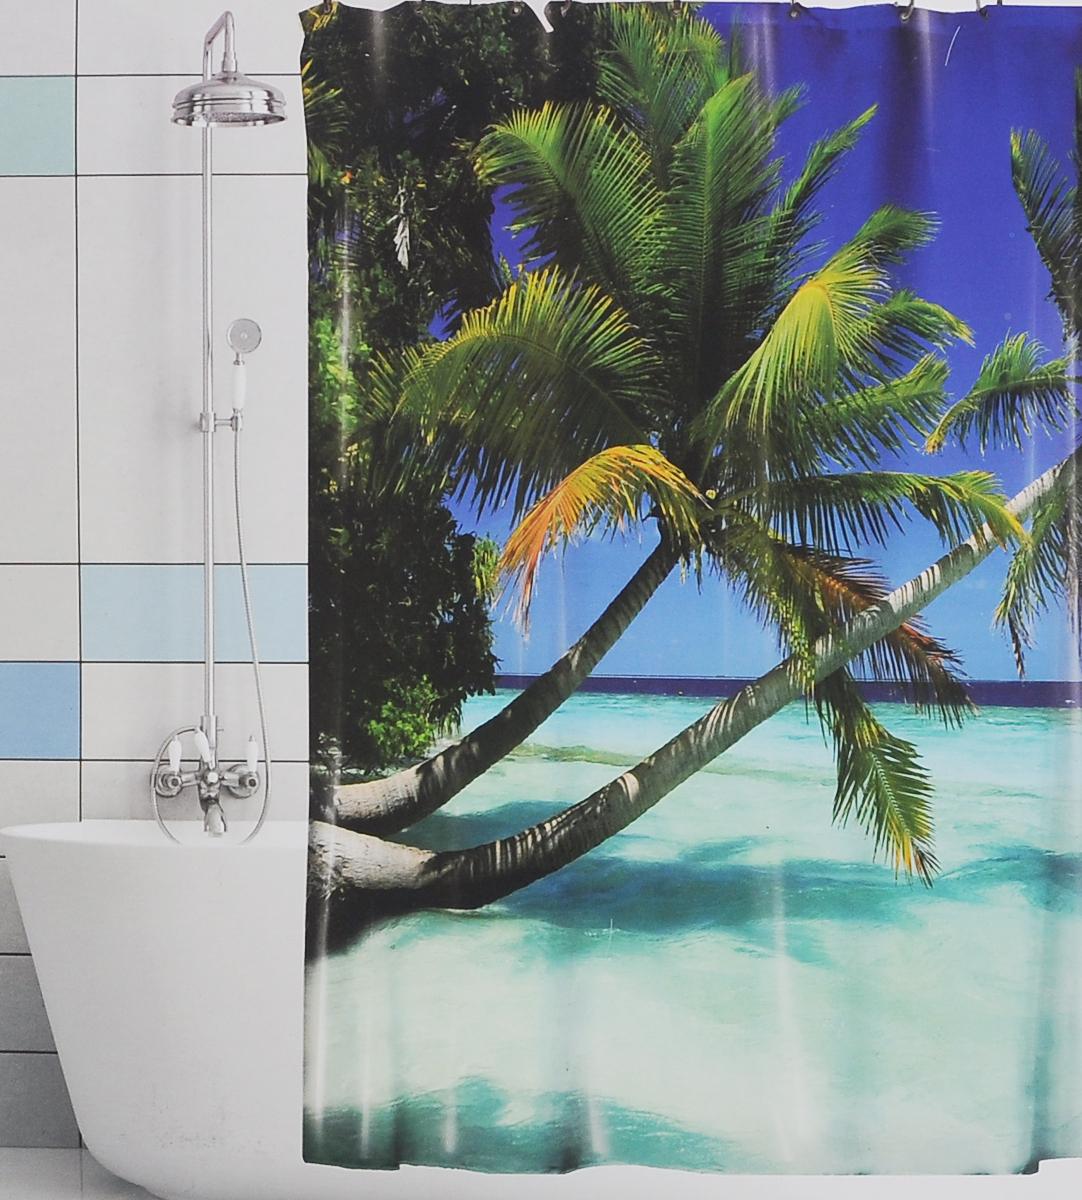 Штора для ванной Valiant Голубая лагуна, цвет: синий, зеленый, 180 см х 180 см391602Штора для ванной комнаты Valiant Голубая лагуна из 100% плотного полиэстера с водоотталкивающей поверхностью идеально защищает ванную комнату от брызг.В верхней кромке шторы предусмотрены отверстия для пластиковых колец (входят в комплект), а в нижней кромке шторы скрыт гибкий шнур, который поддерживает ее в естественной расправленной форме.Штору можно легко почистить мягкой губкой с мылом или постирать ее с мягким моющим средством в деликатном режиме. Количество колец: 12 шт.